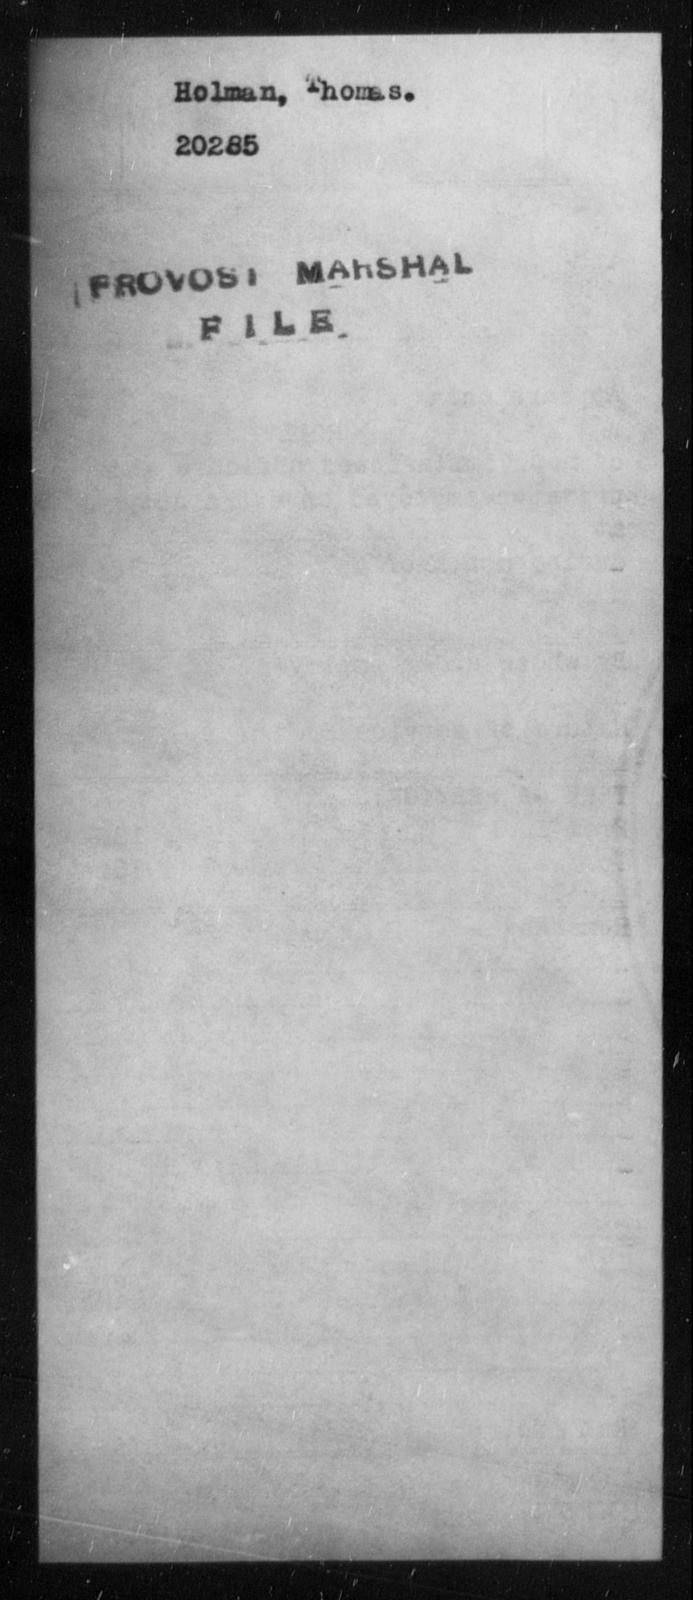 Holman, Thomas - State: [Blank] - Year: [Blank]